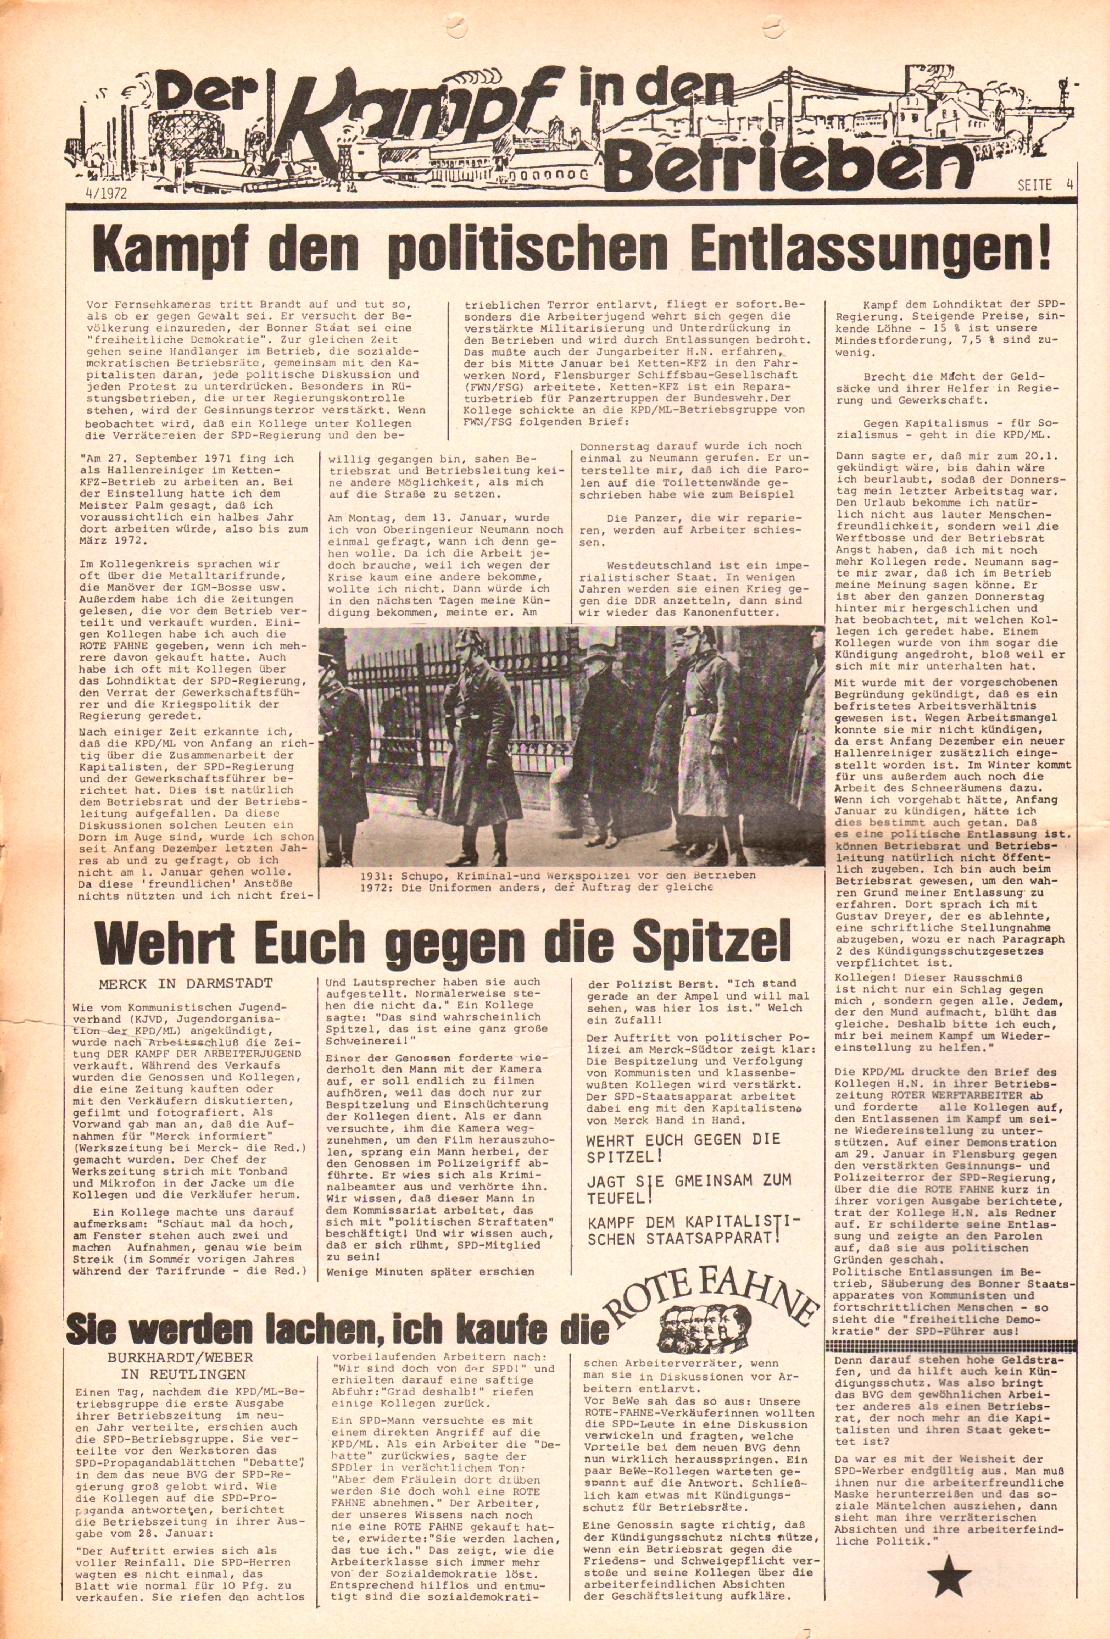 Rote Fahne, 3. Jg., 21.2.1972, Nr. 4, Seite 4